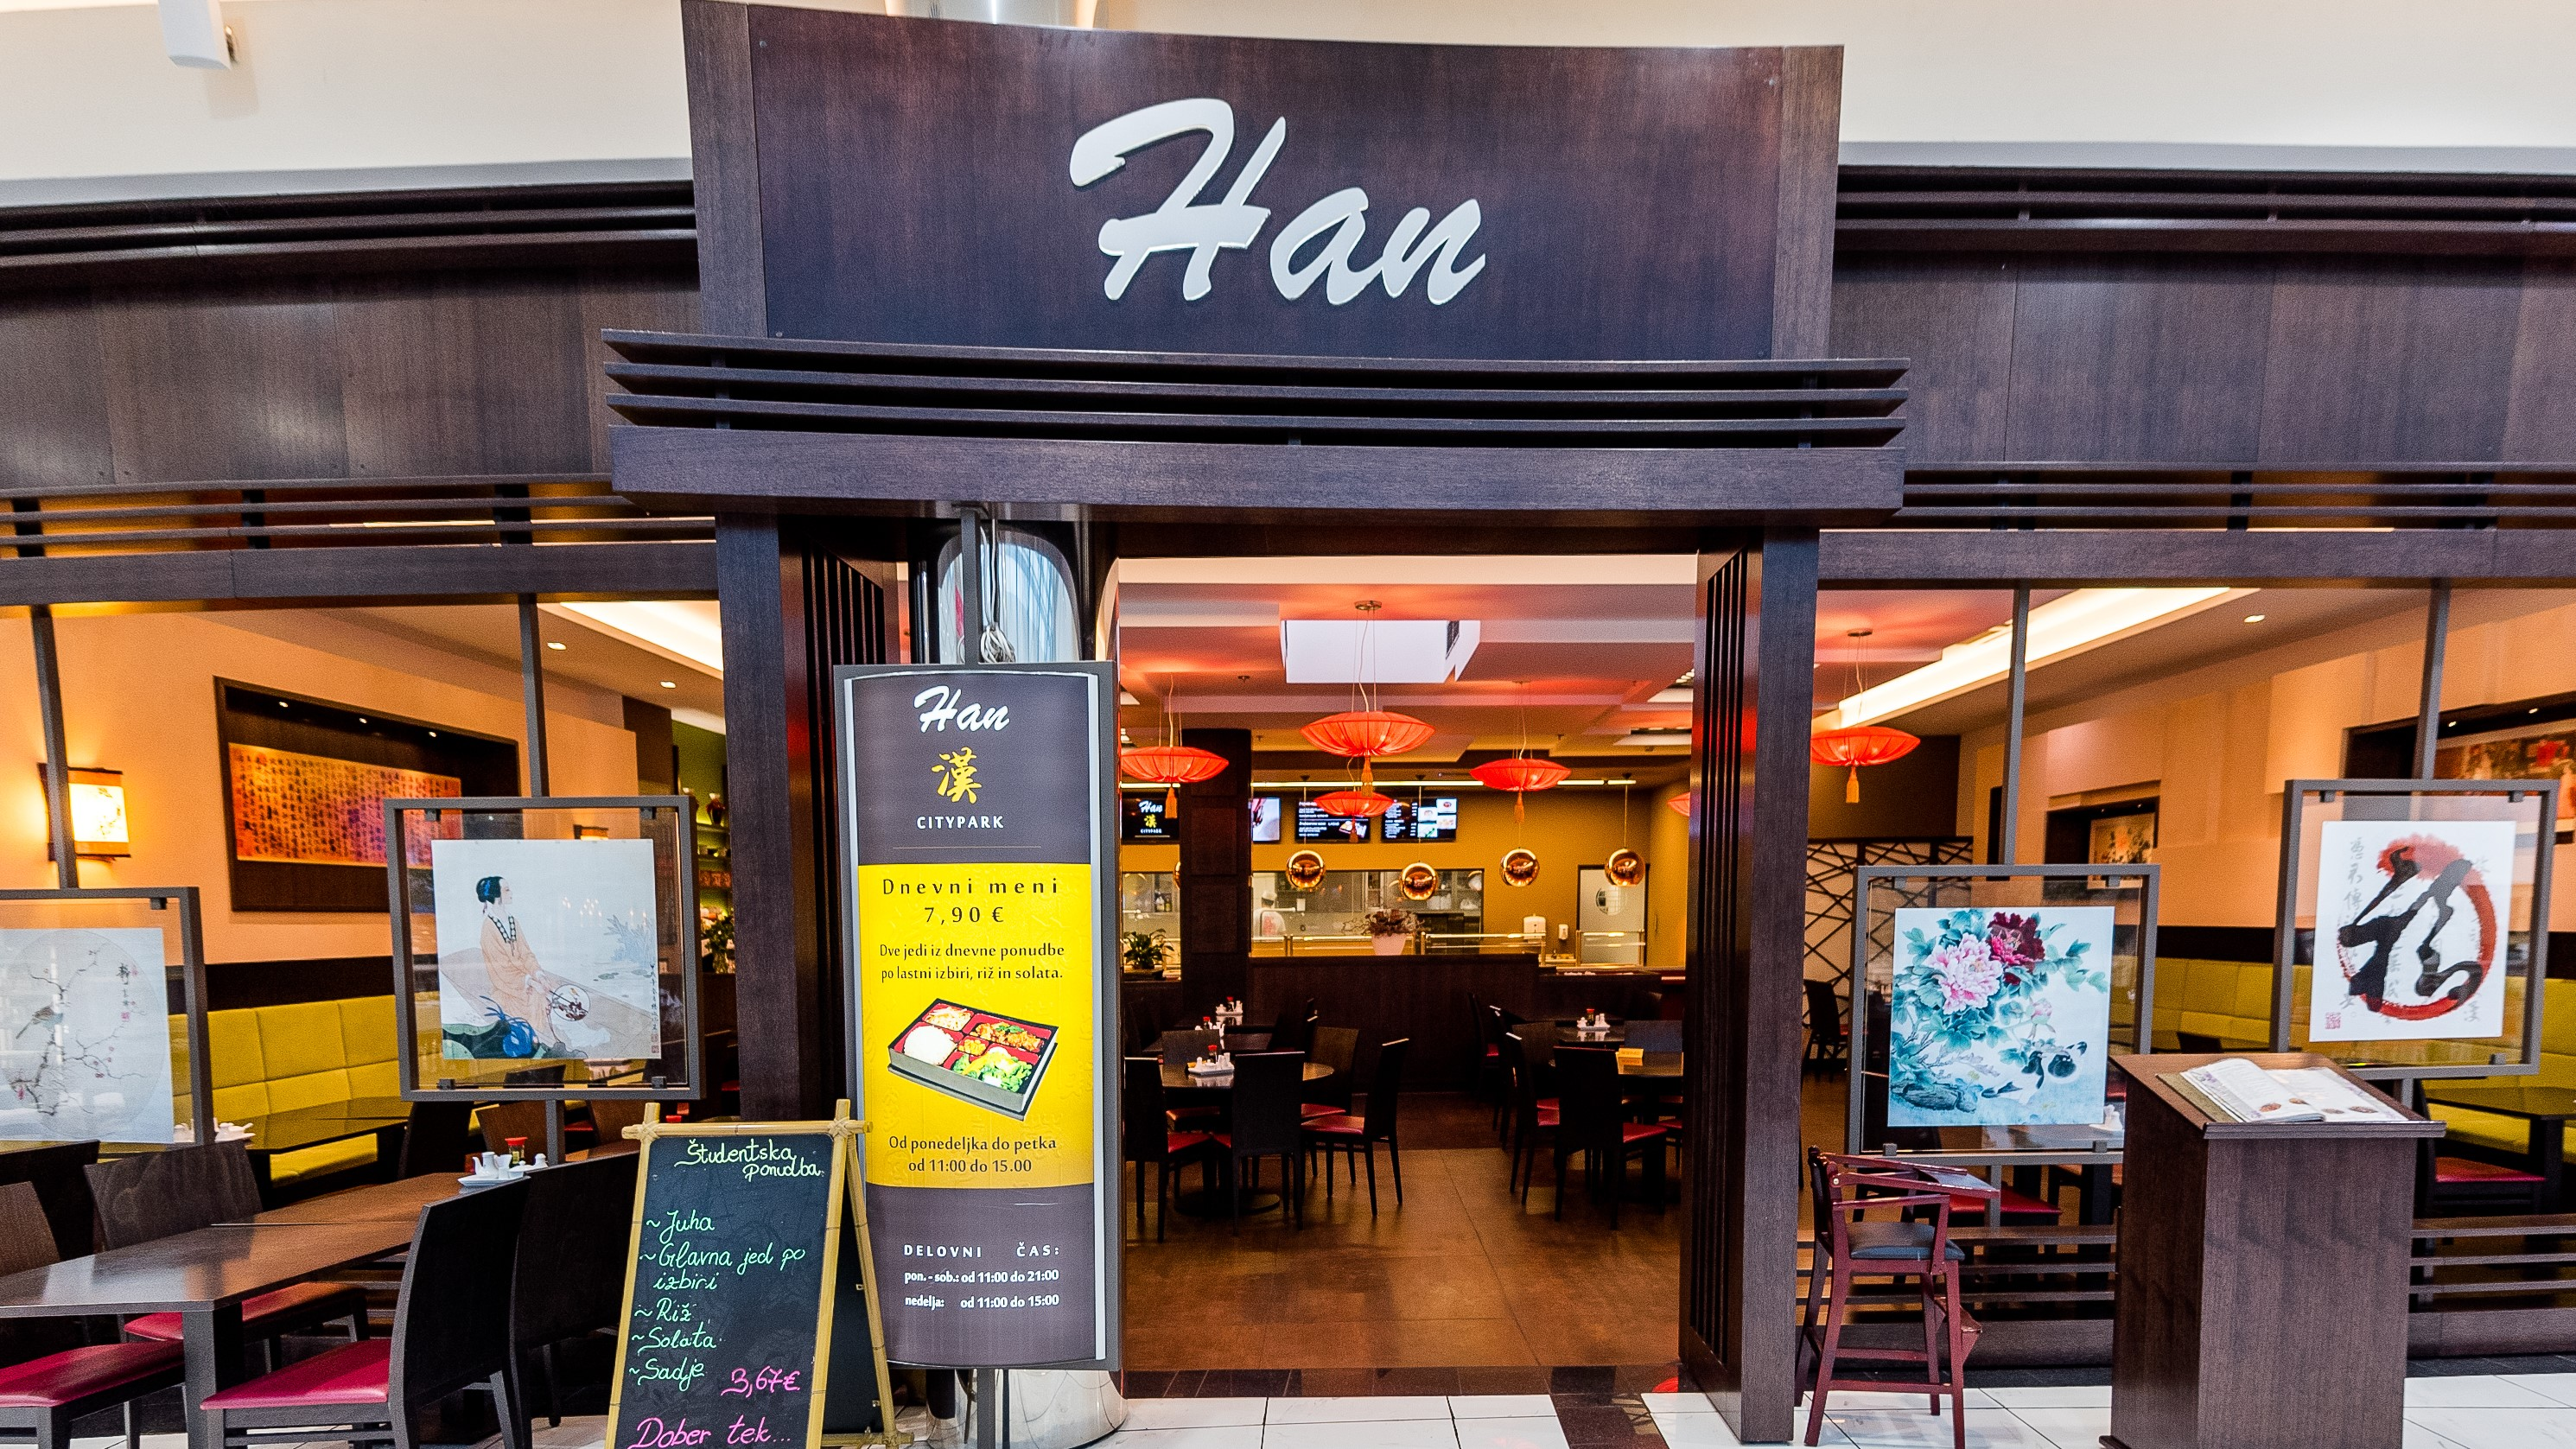 Citypark-Kitajska_restavracija_Han-hero